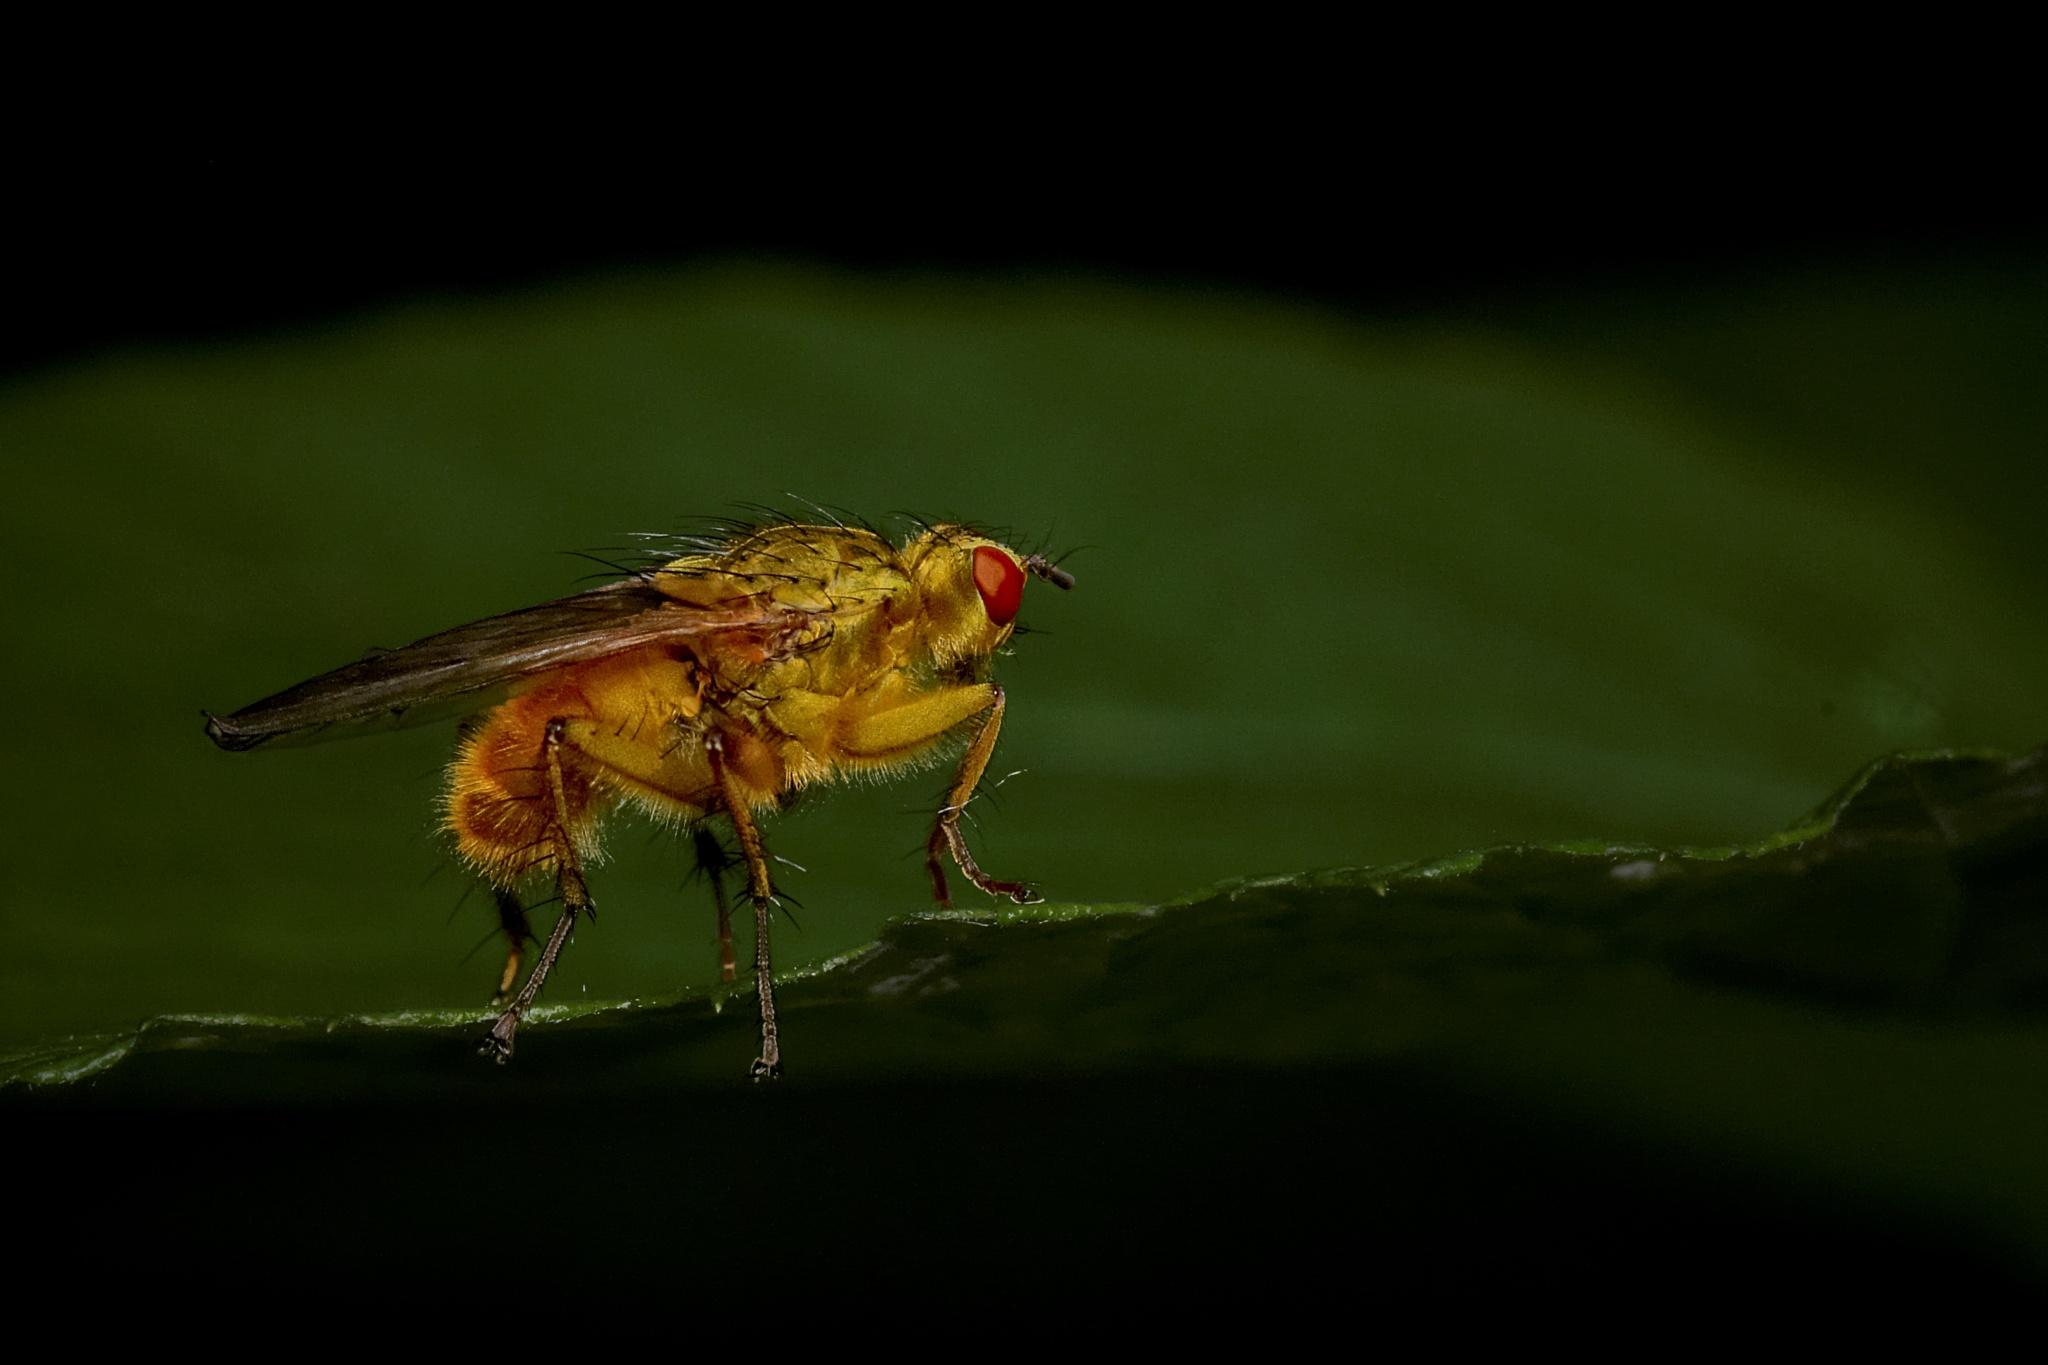 fly by miwwim